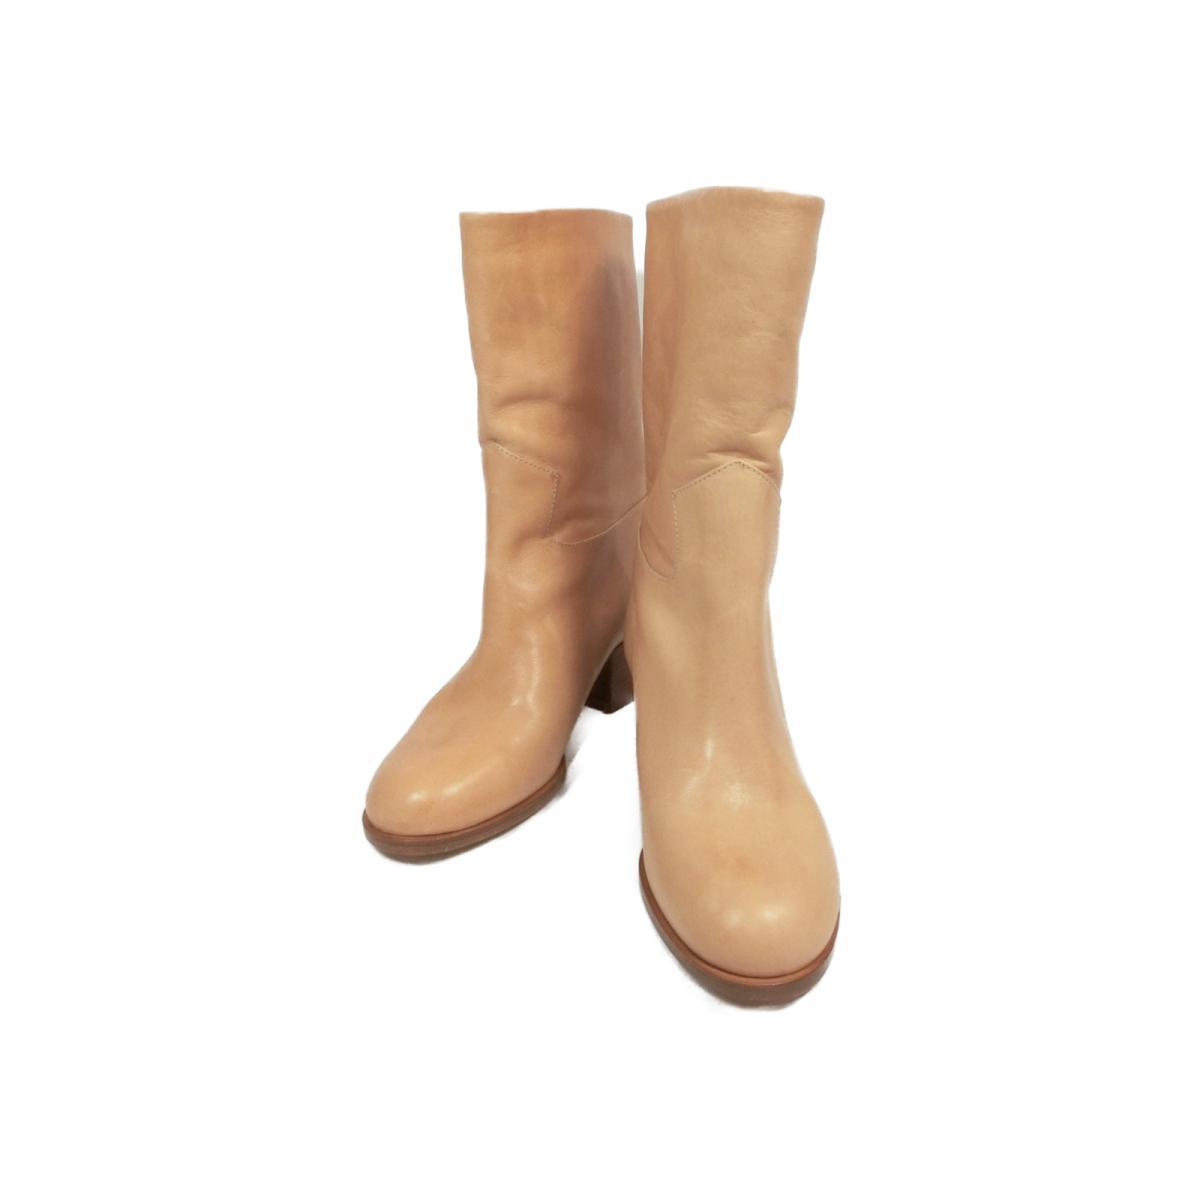 【中古】 シャネル ブーツ レディース レザー ベージュ | CHANEL くつ 靴 ブーツ 美品 ブランドオフ